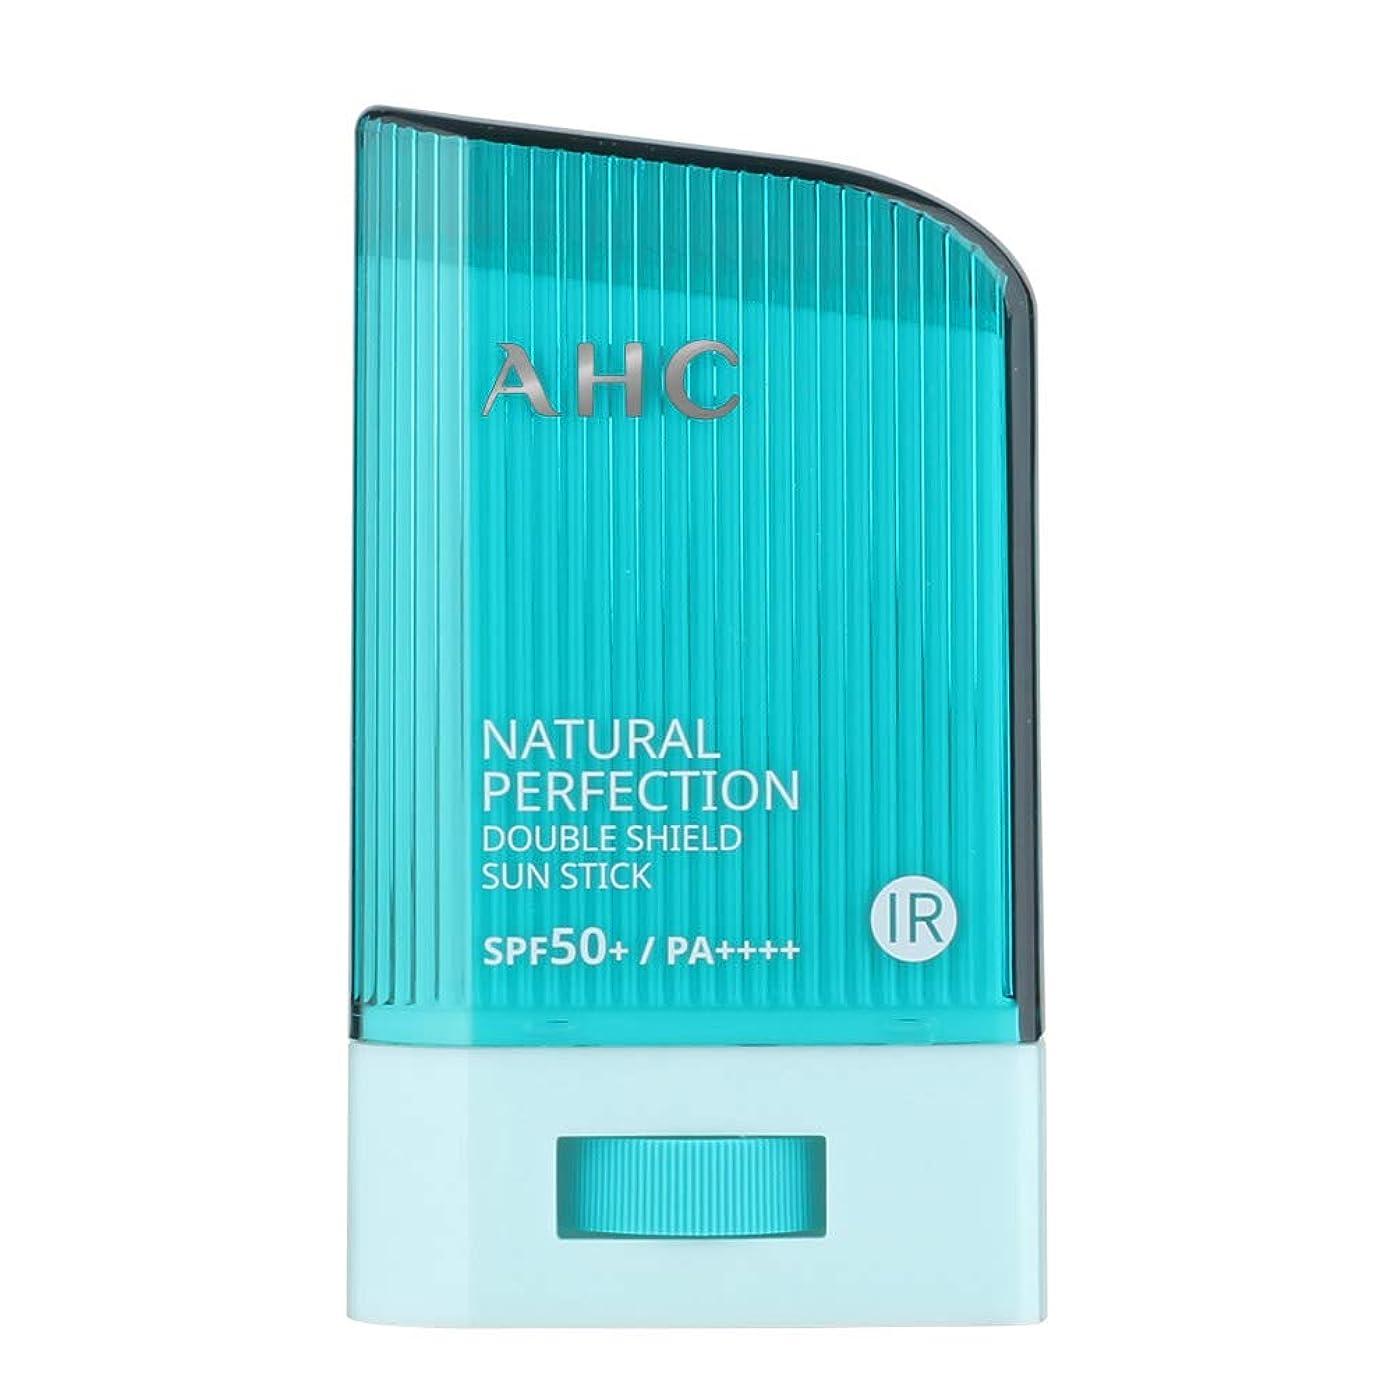 狭い抽出一節AHC ナチュラルパーフェクションダブルシールドサンスティック 22g, Natural Perfection Double Shield Sun Stick SPF50+ PA++++